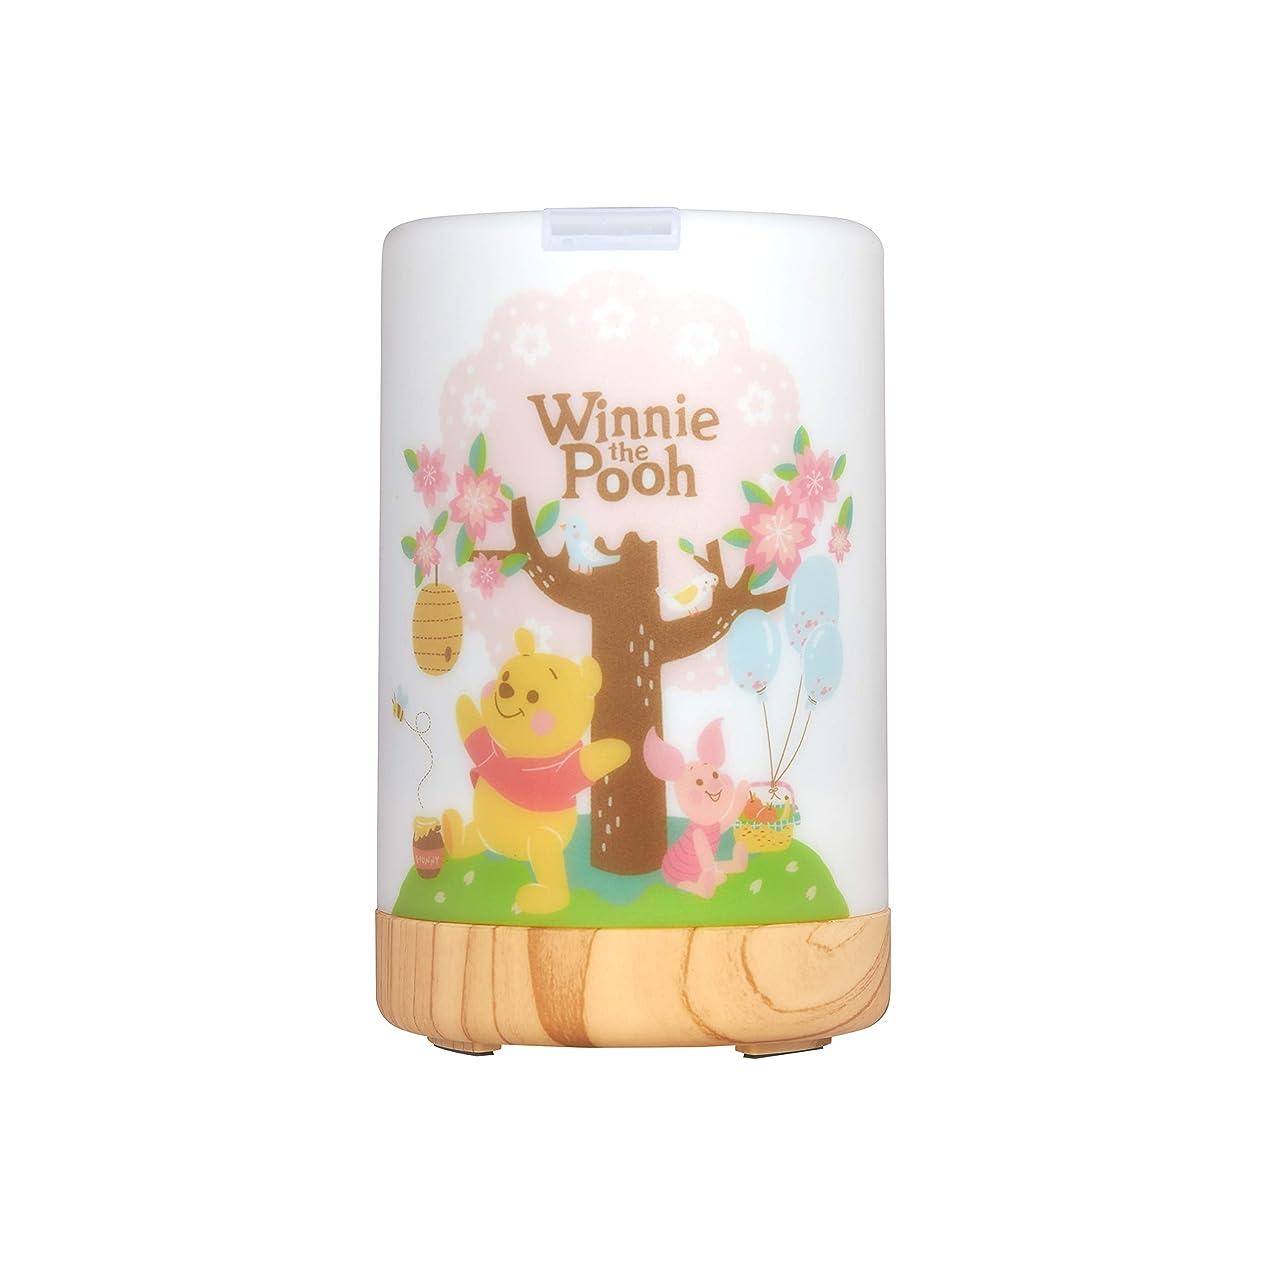 ゴミ箱を空にする日の出フォローInfoThink アロマディフューザー Disney Winnie the Pooh 間接照明 くまのプーさん [並行輸入品]